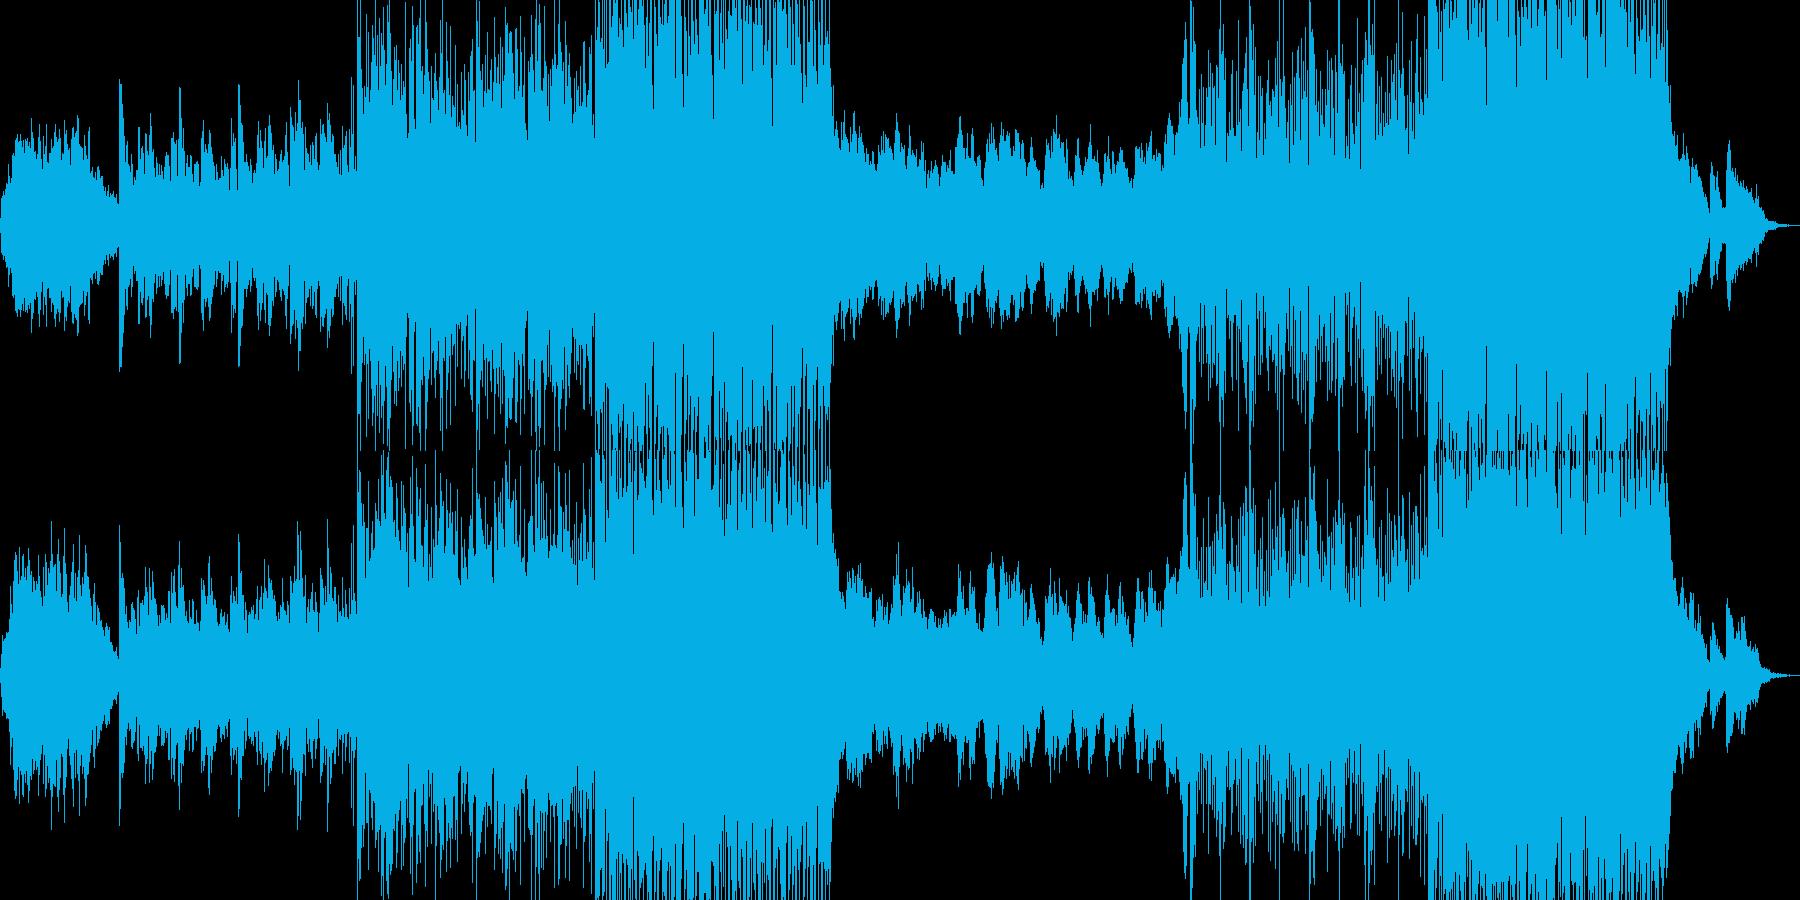 幻想的音楽ーRaindropの再生済みの波形